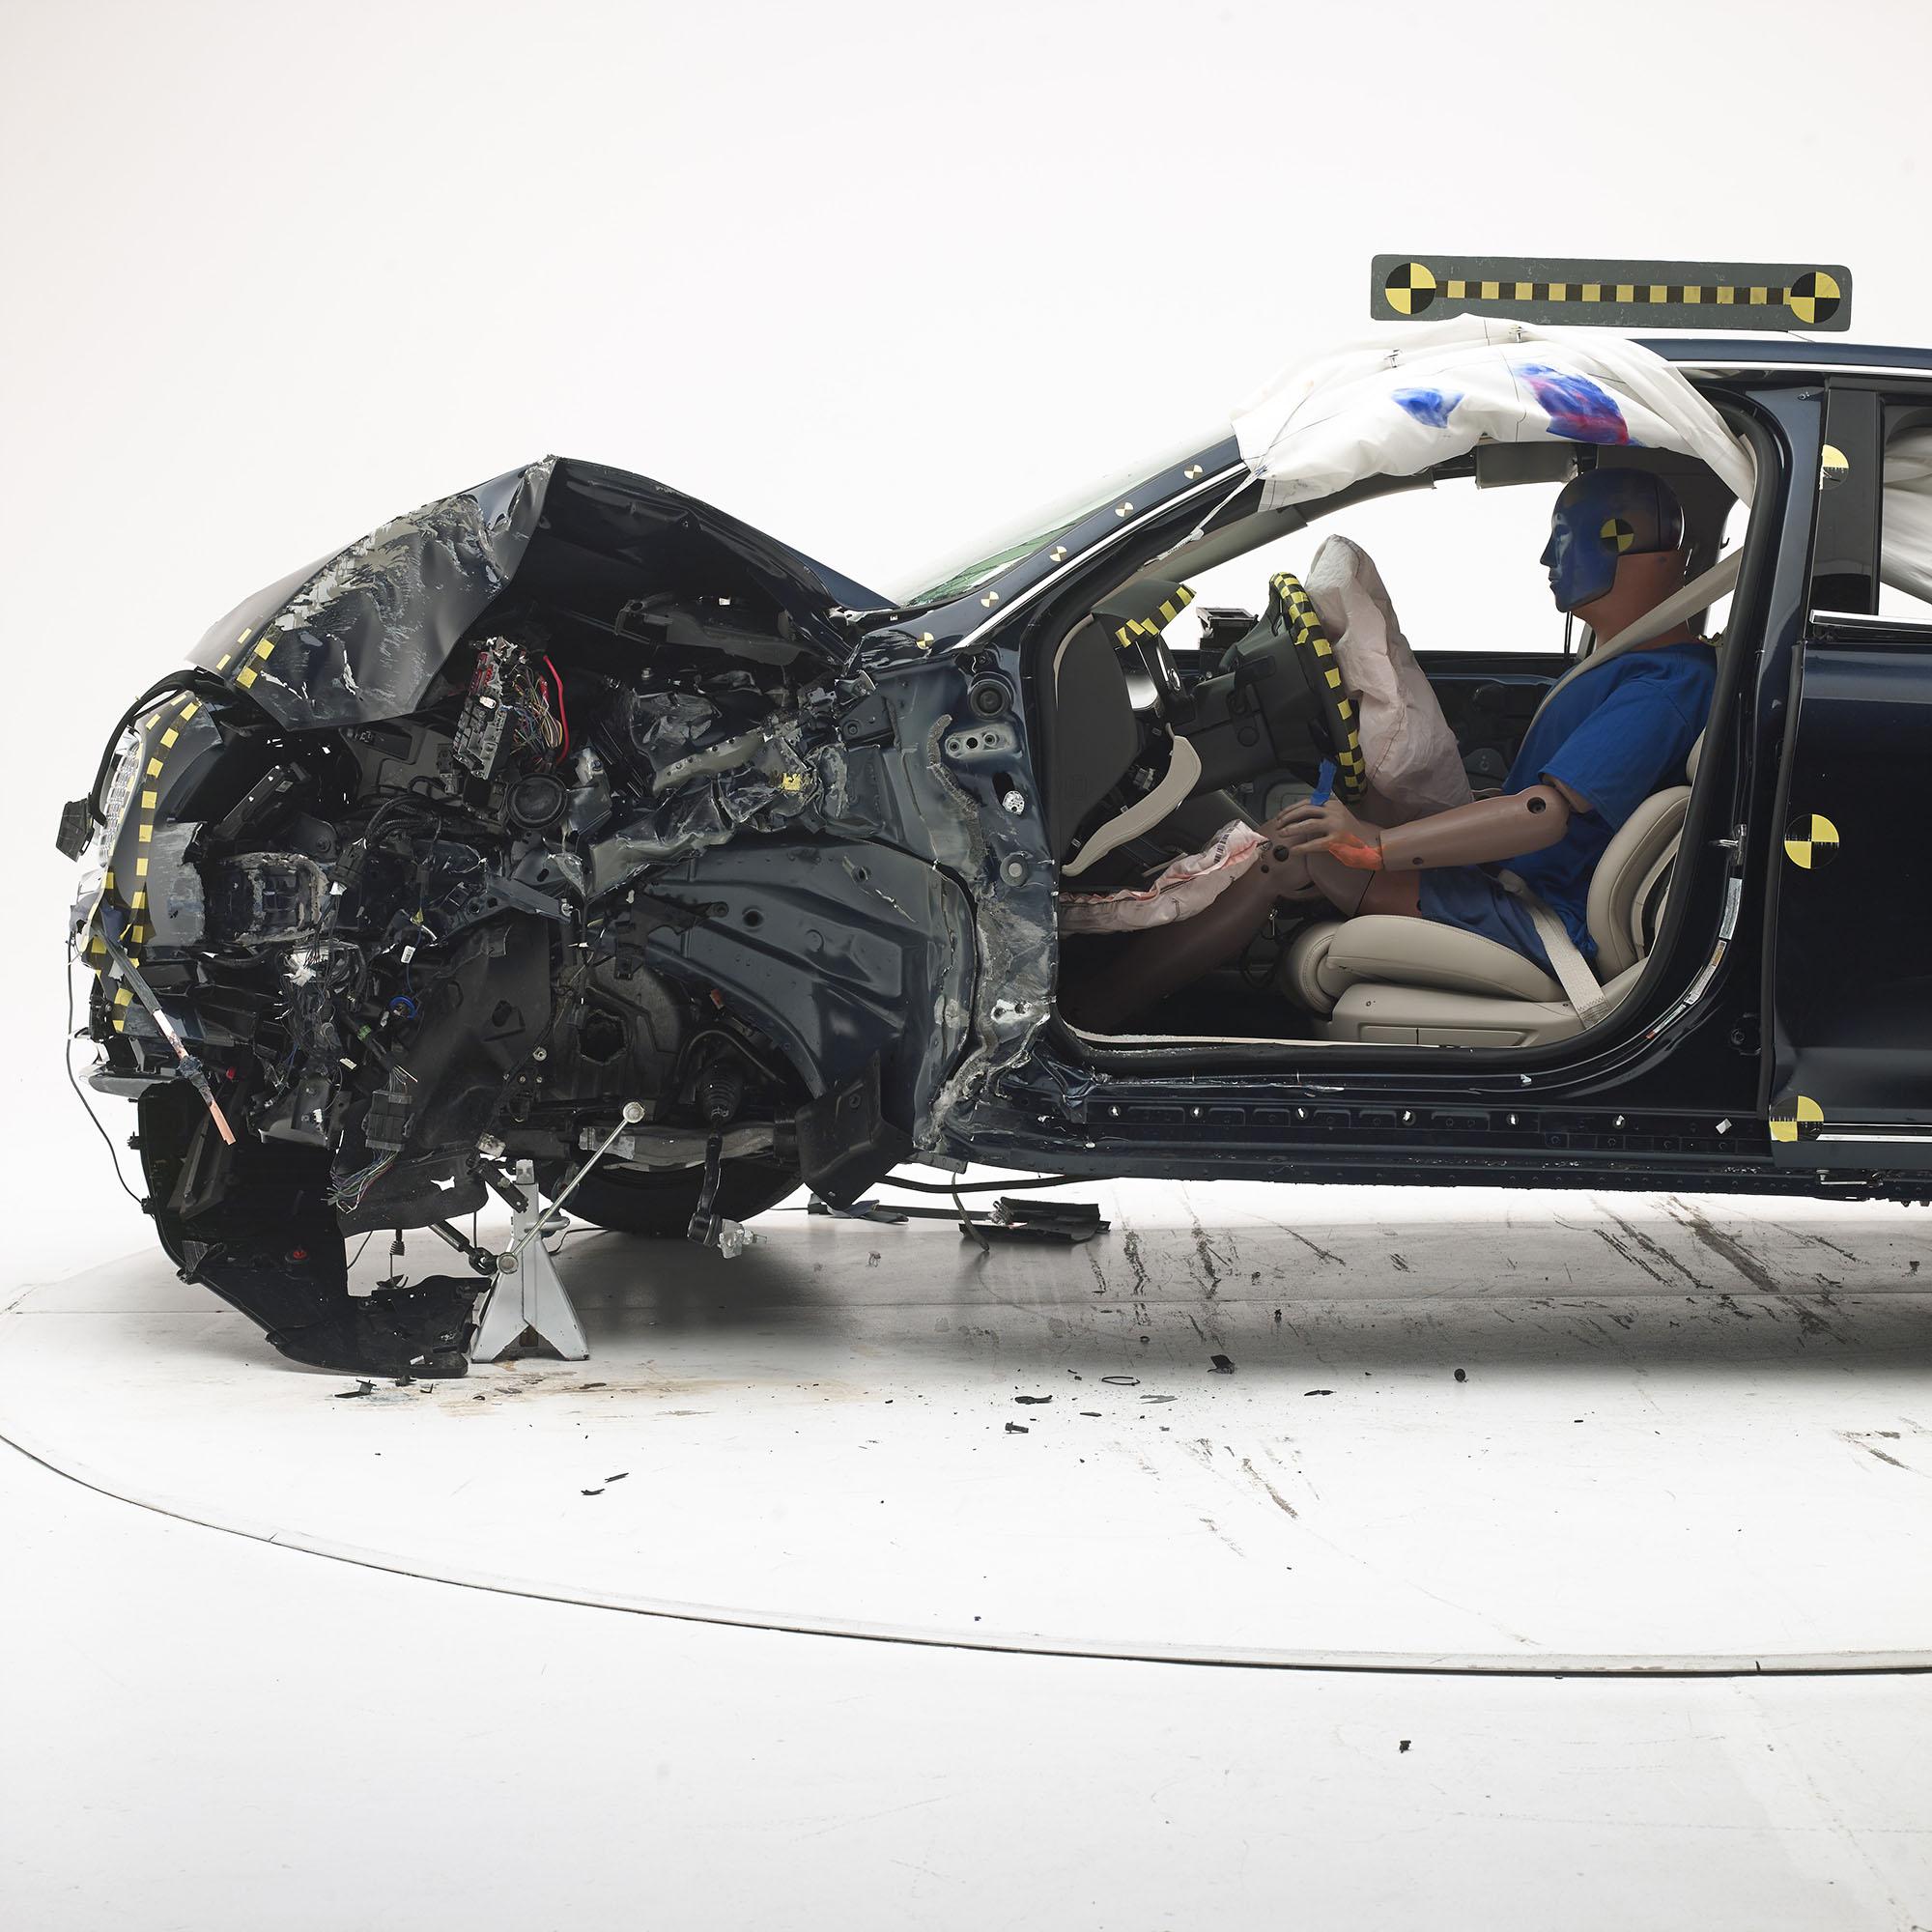 Latest Crash Tests, Subaru's Goodwood Hill Climber, Tesla